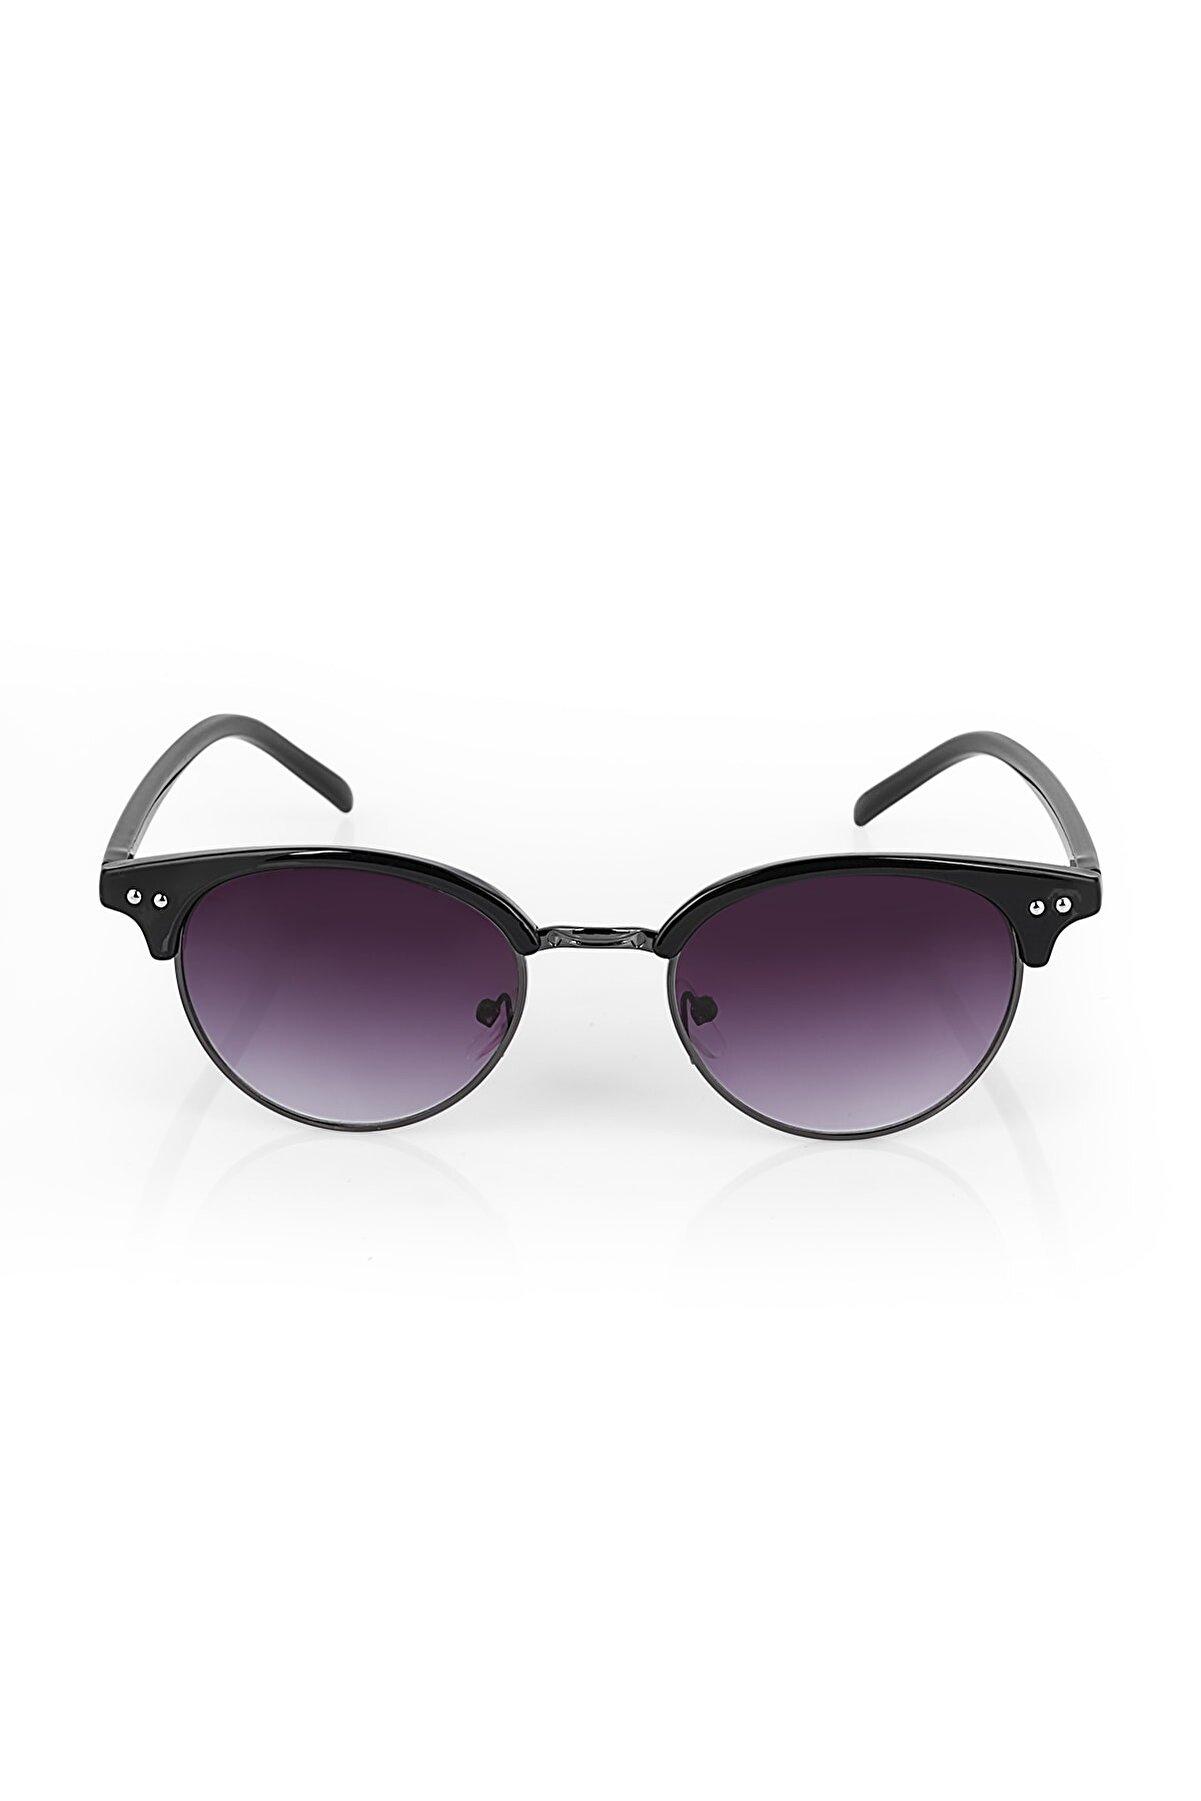 Twelve Clubmaster Model Kadın Güneş Gözlüğü / Summer 21